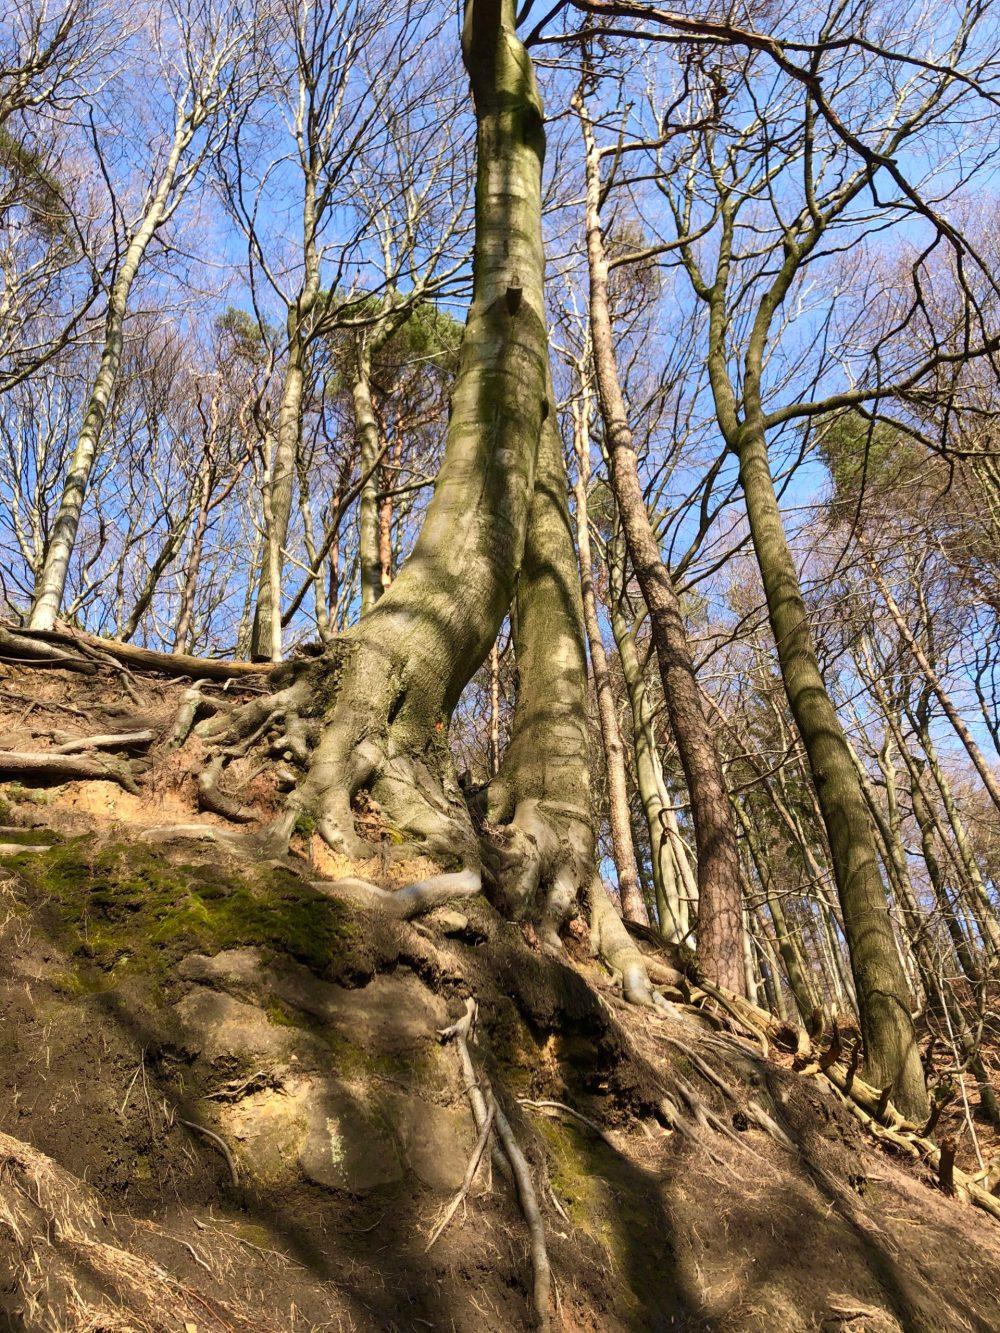 Bäume am Felsen, deren Wurzeln aus der Erde heraus ragen